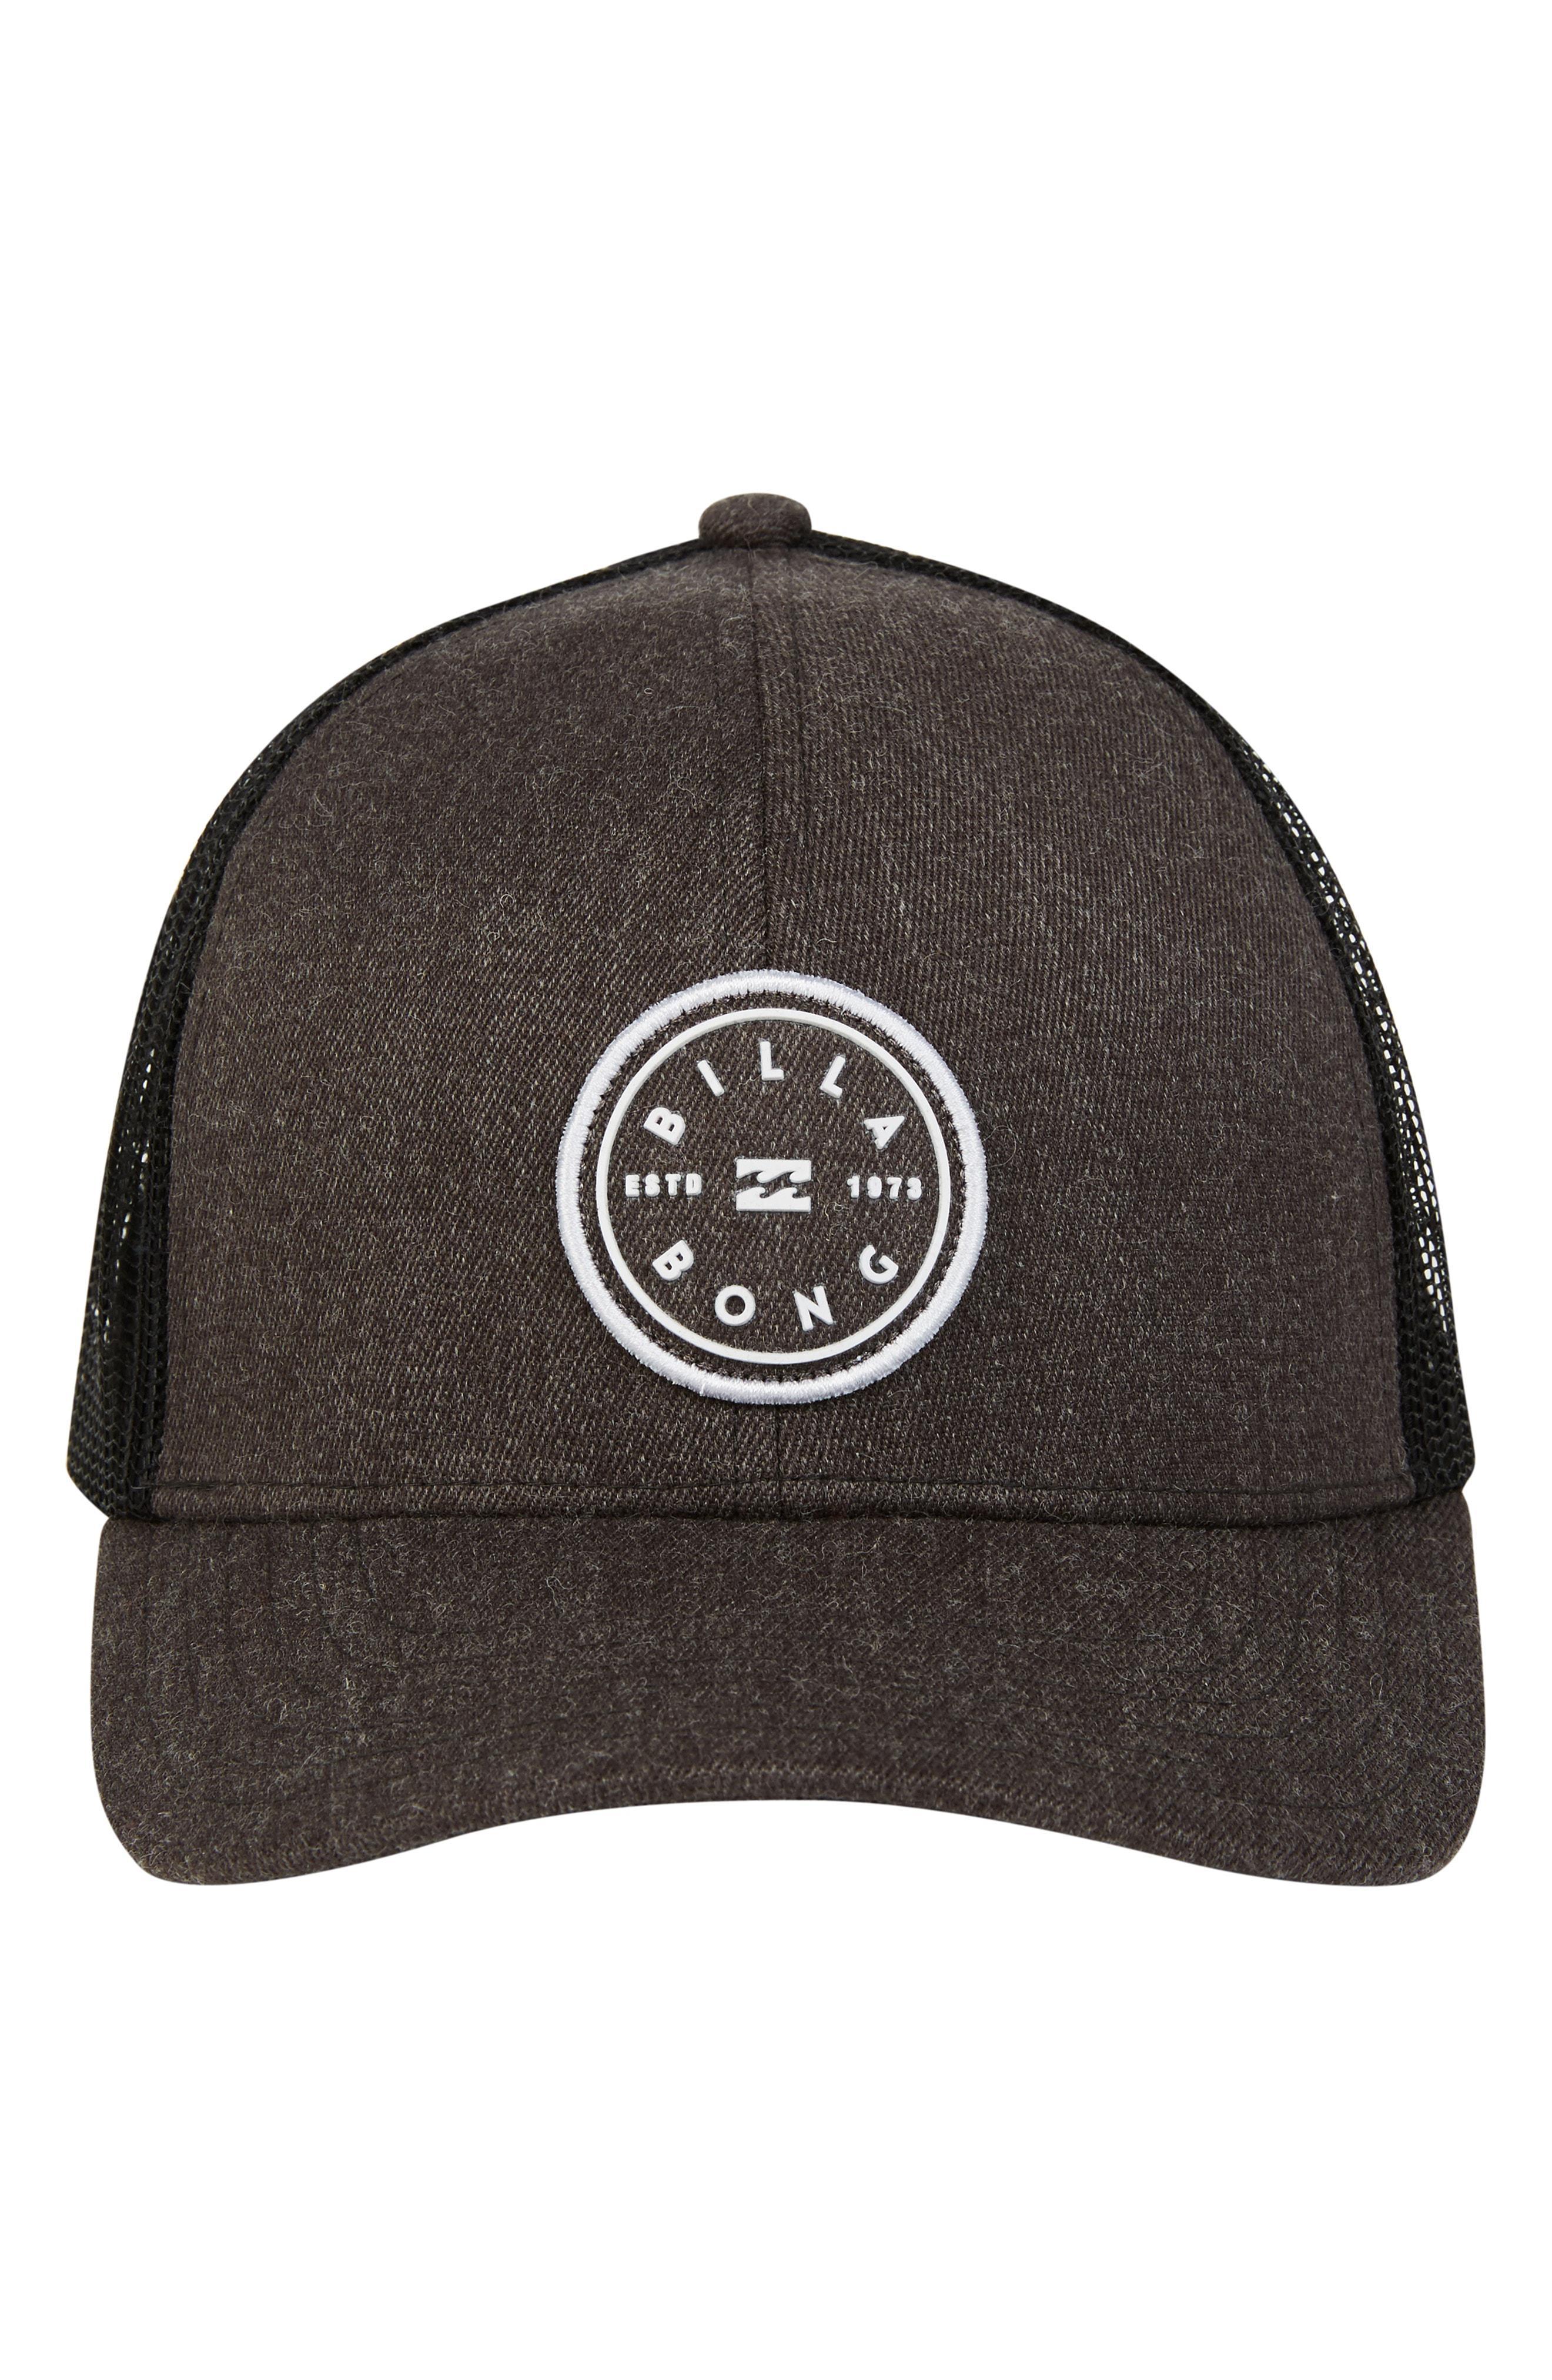 6656d57464bc7 Lyst - Billabong Walled Trucker Hat for Men